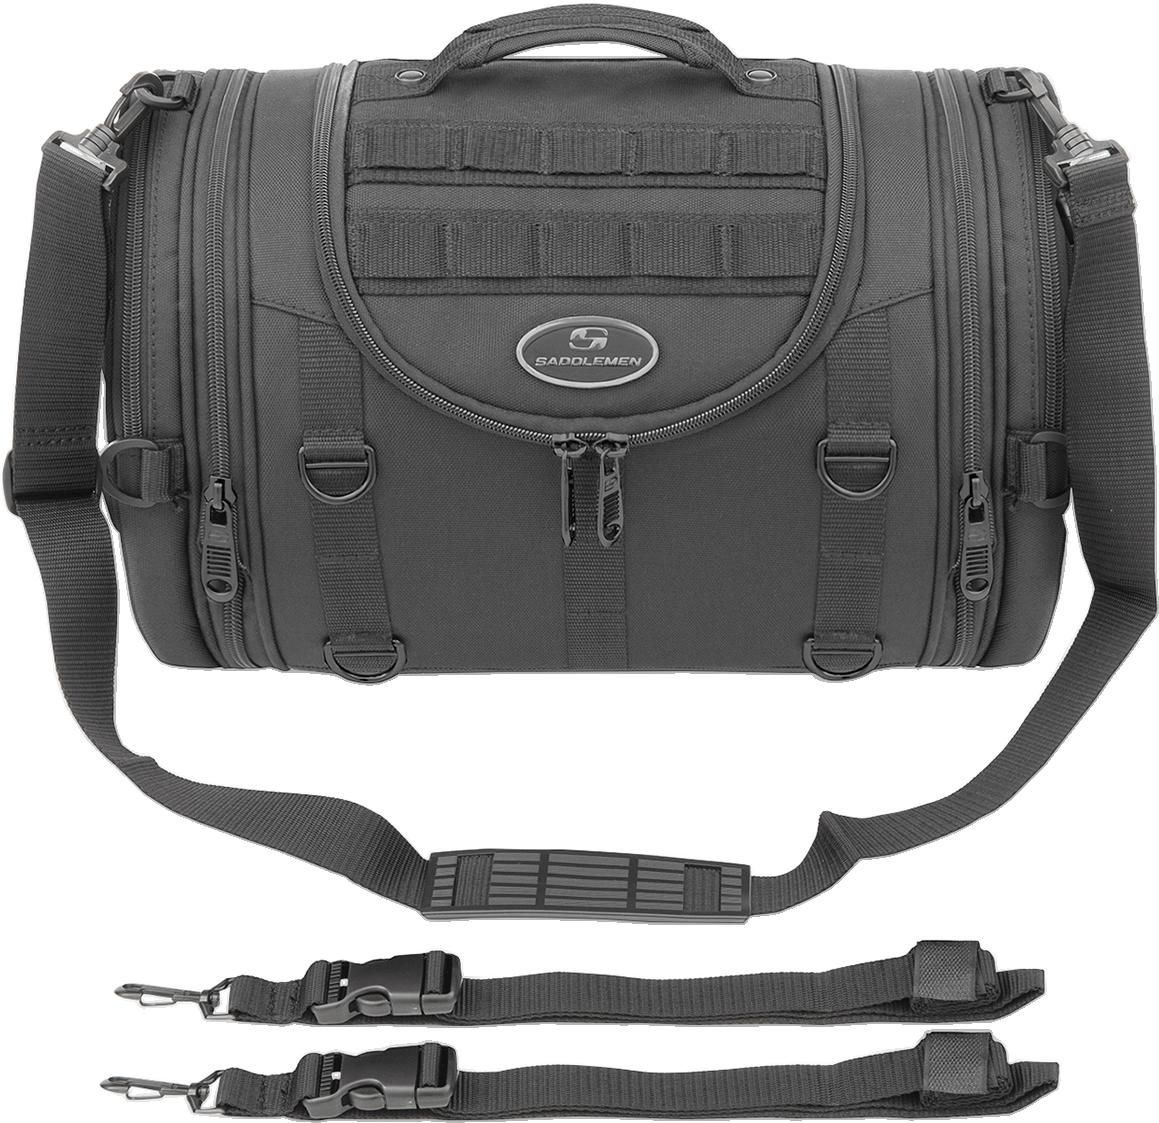 Saddlemen Black Textile Mesh R1300LXE Tactical Motorcycle Rack Bag for Harley